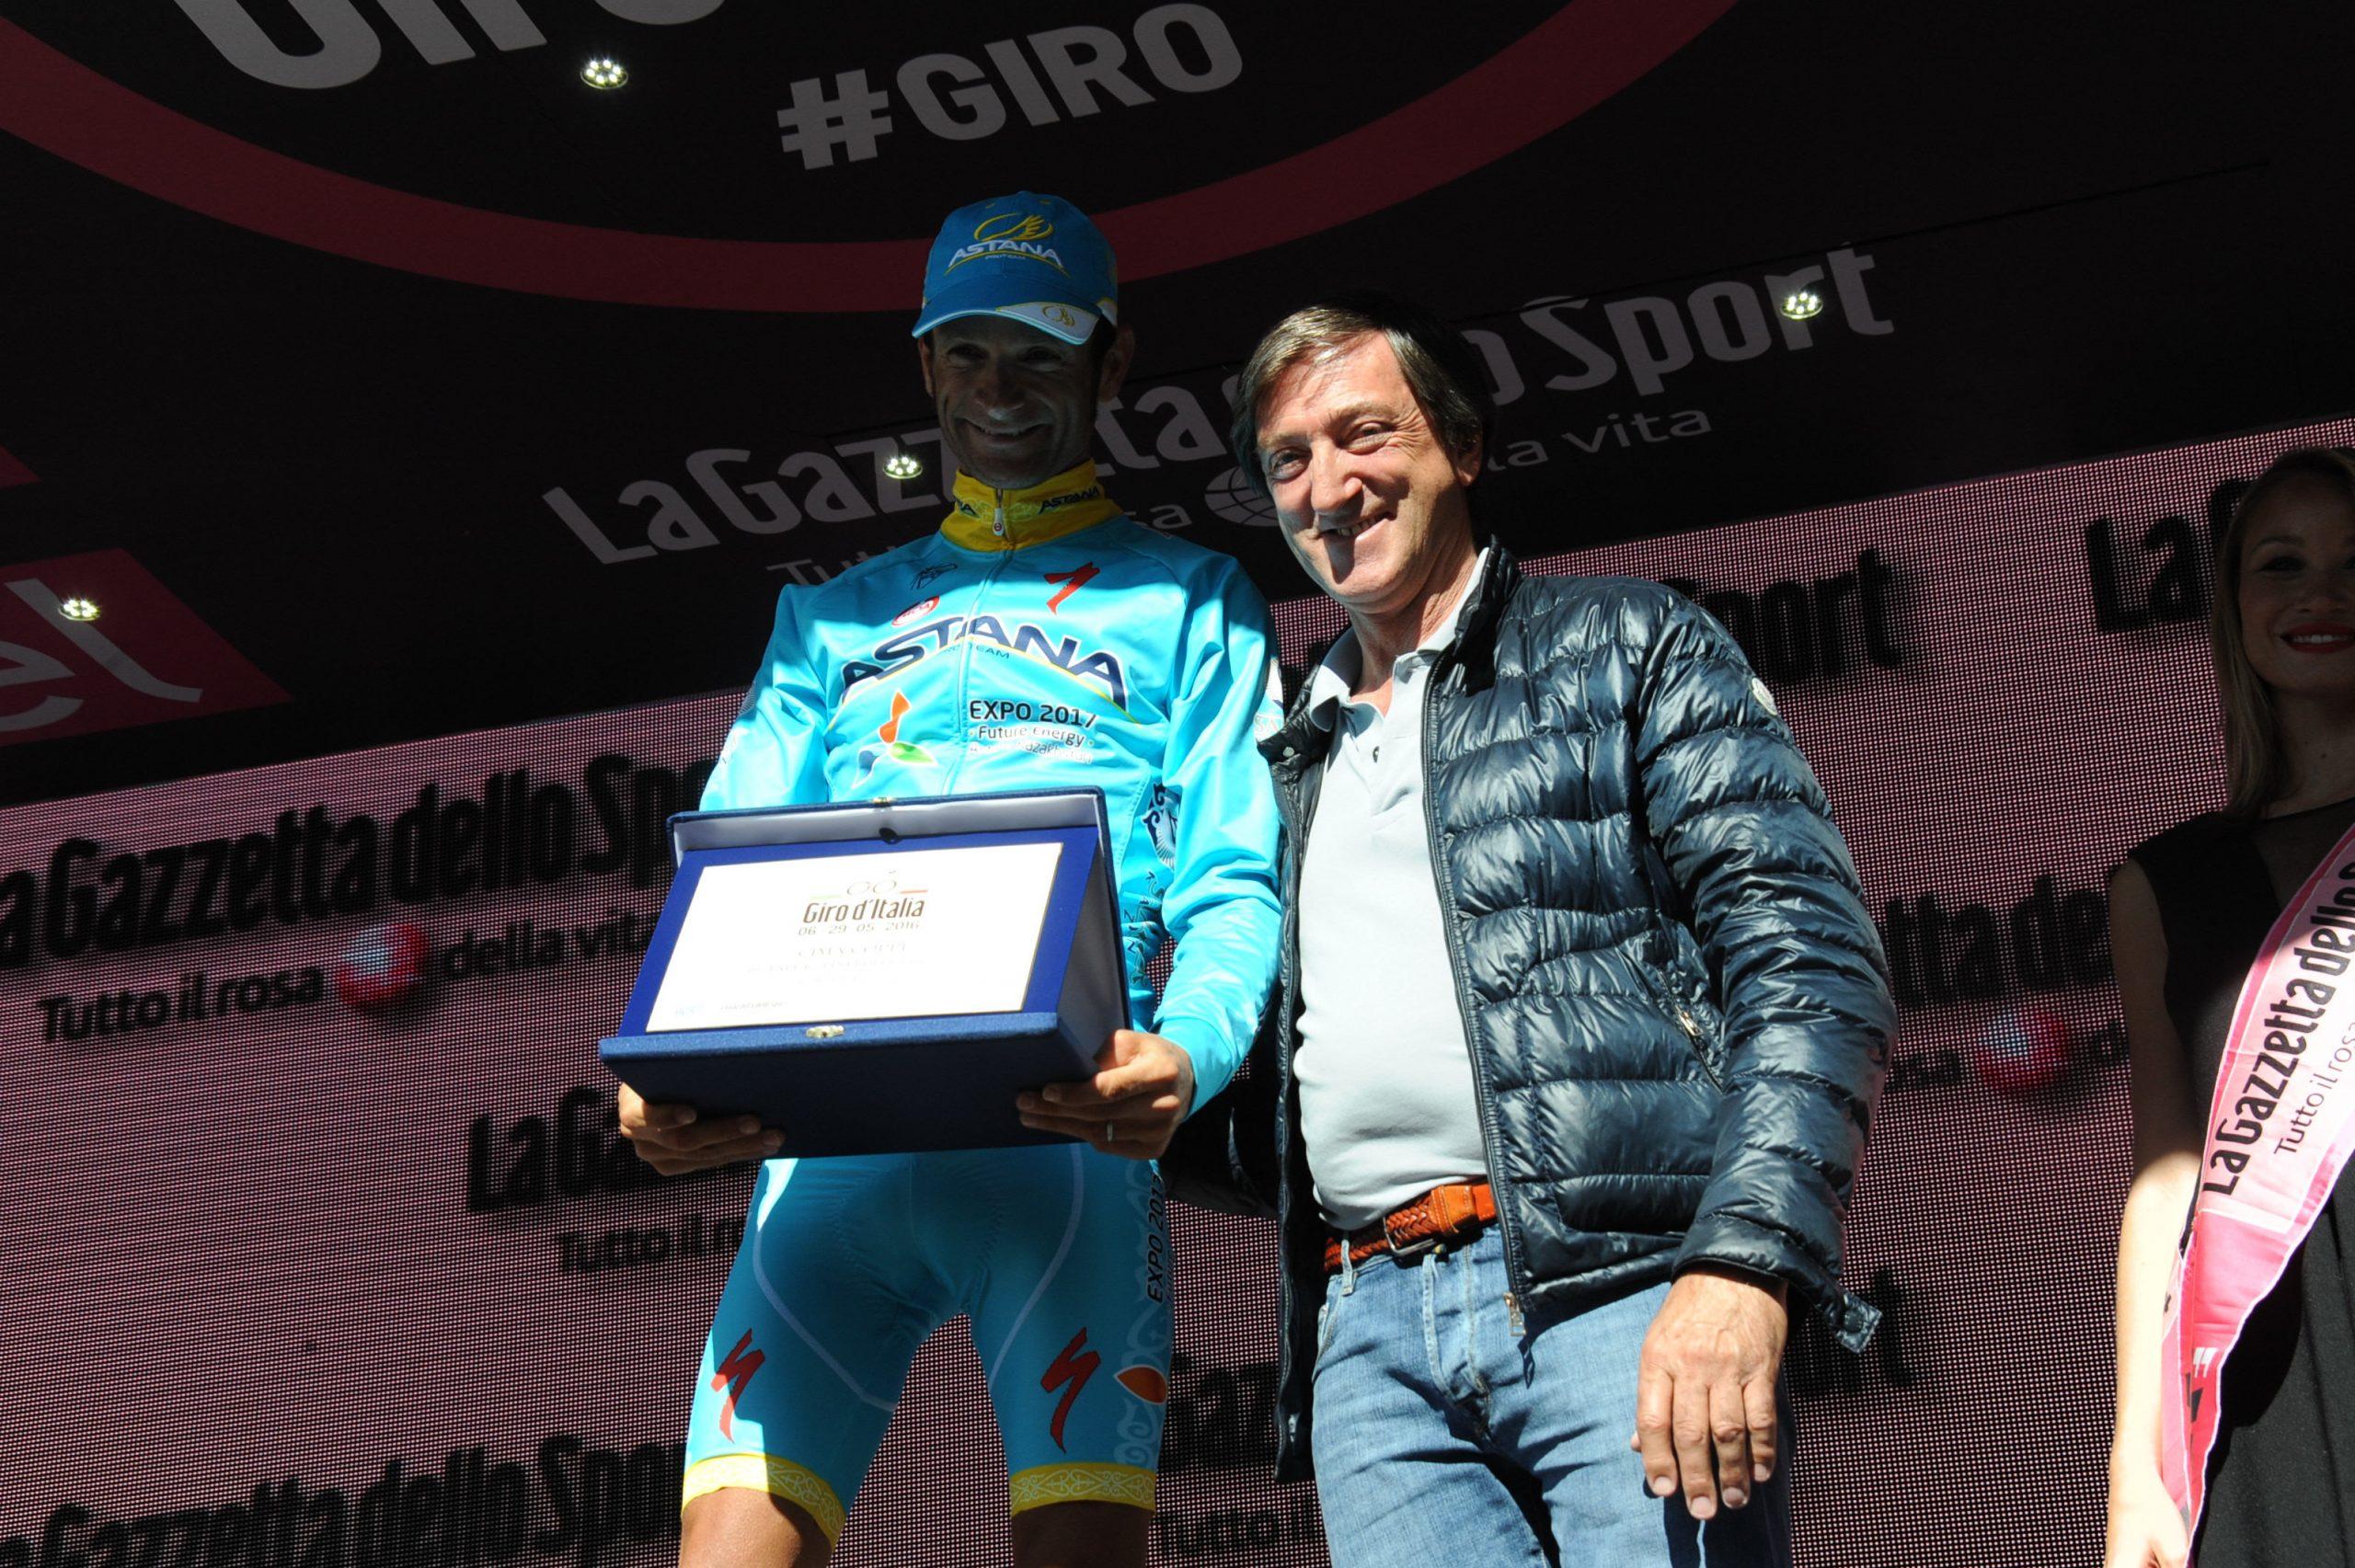 Michele Scarponi és a Cima Coppi megnyeréséért járó különdíj